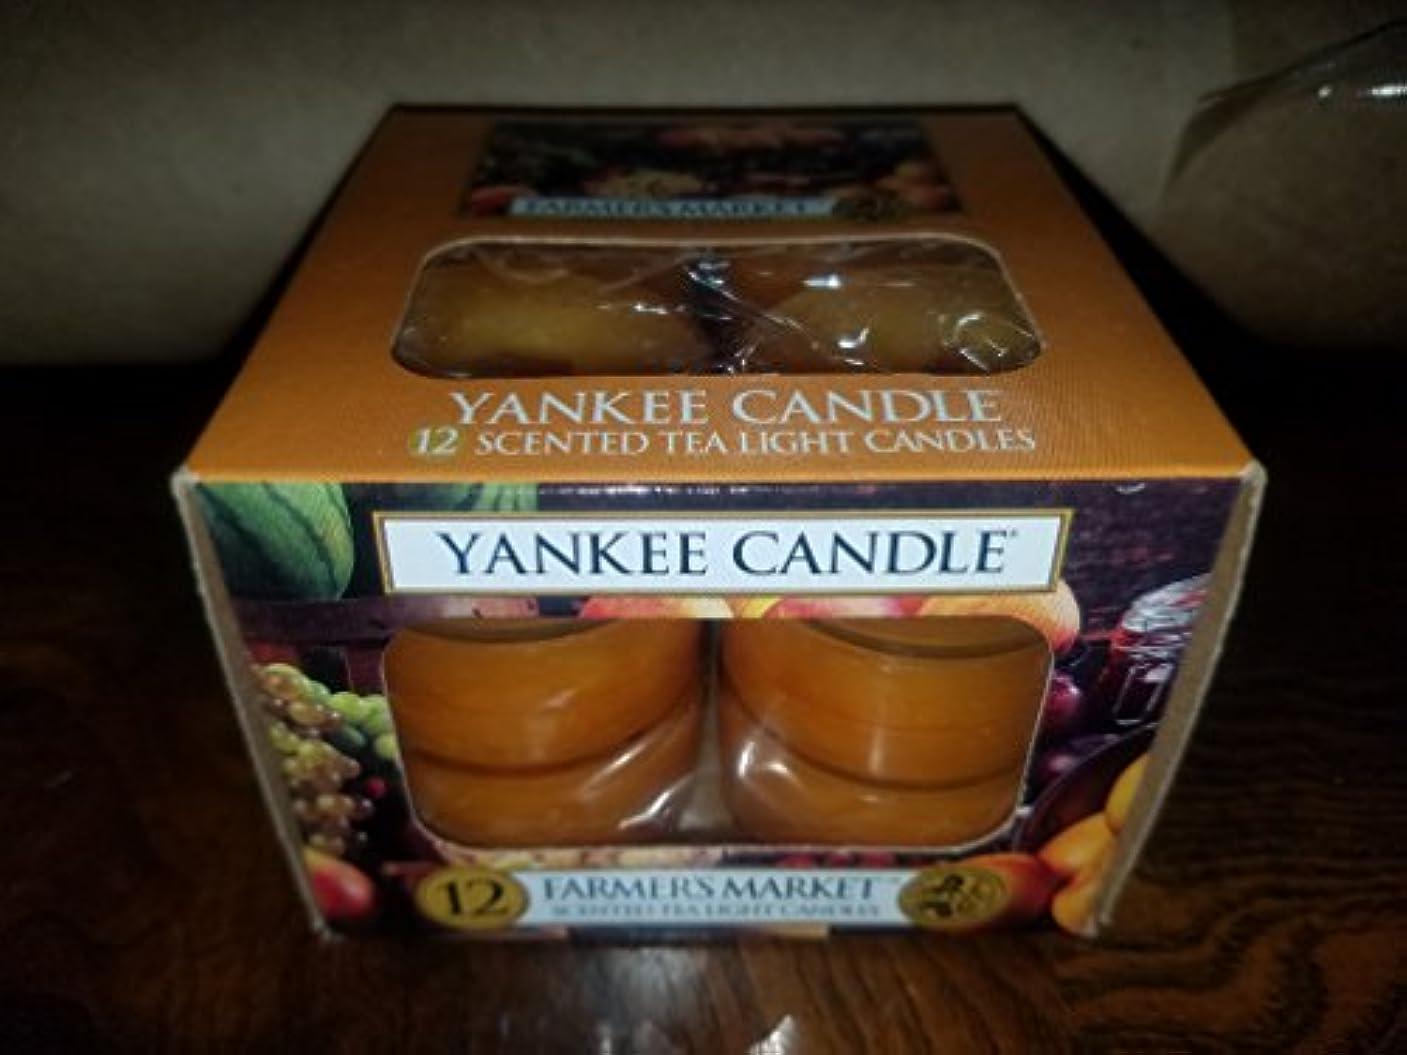 道に迷いました取得する球体Yankee Candle Farmer 's Market, Food & Spice香り Tea Light Candles オレンジ 1163587-YC